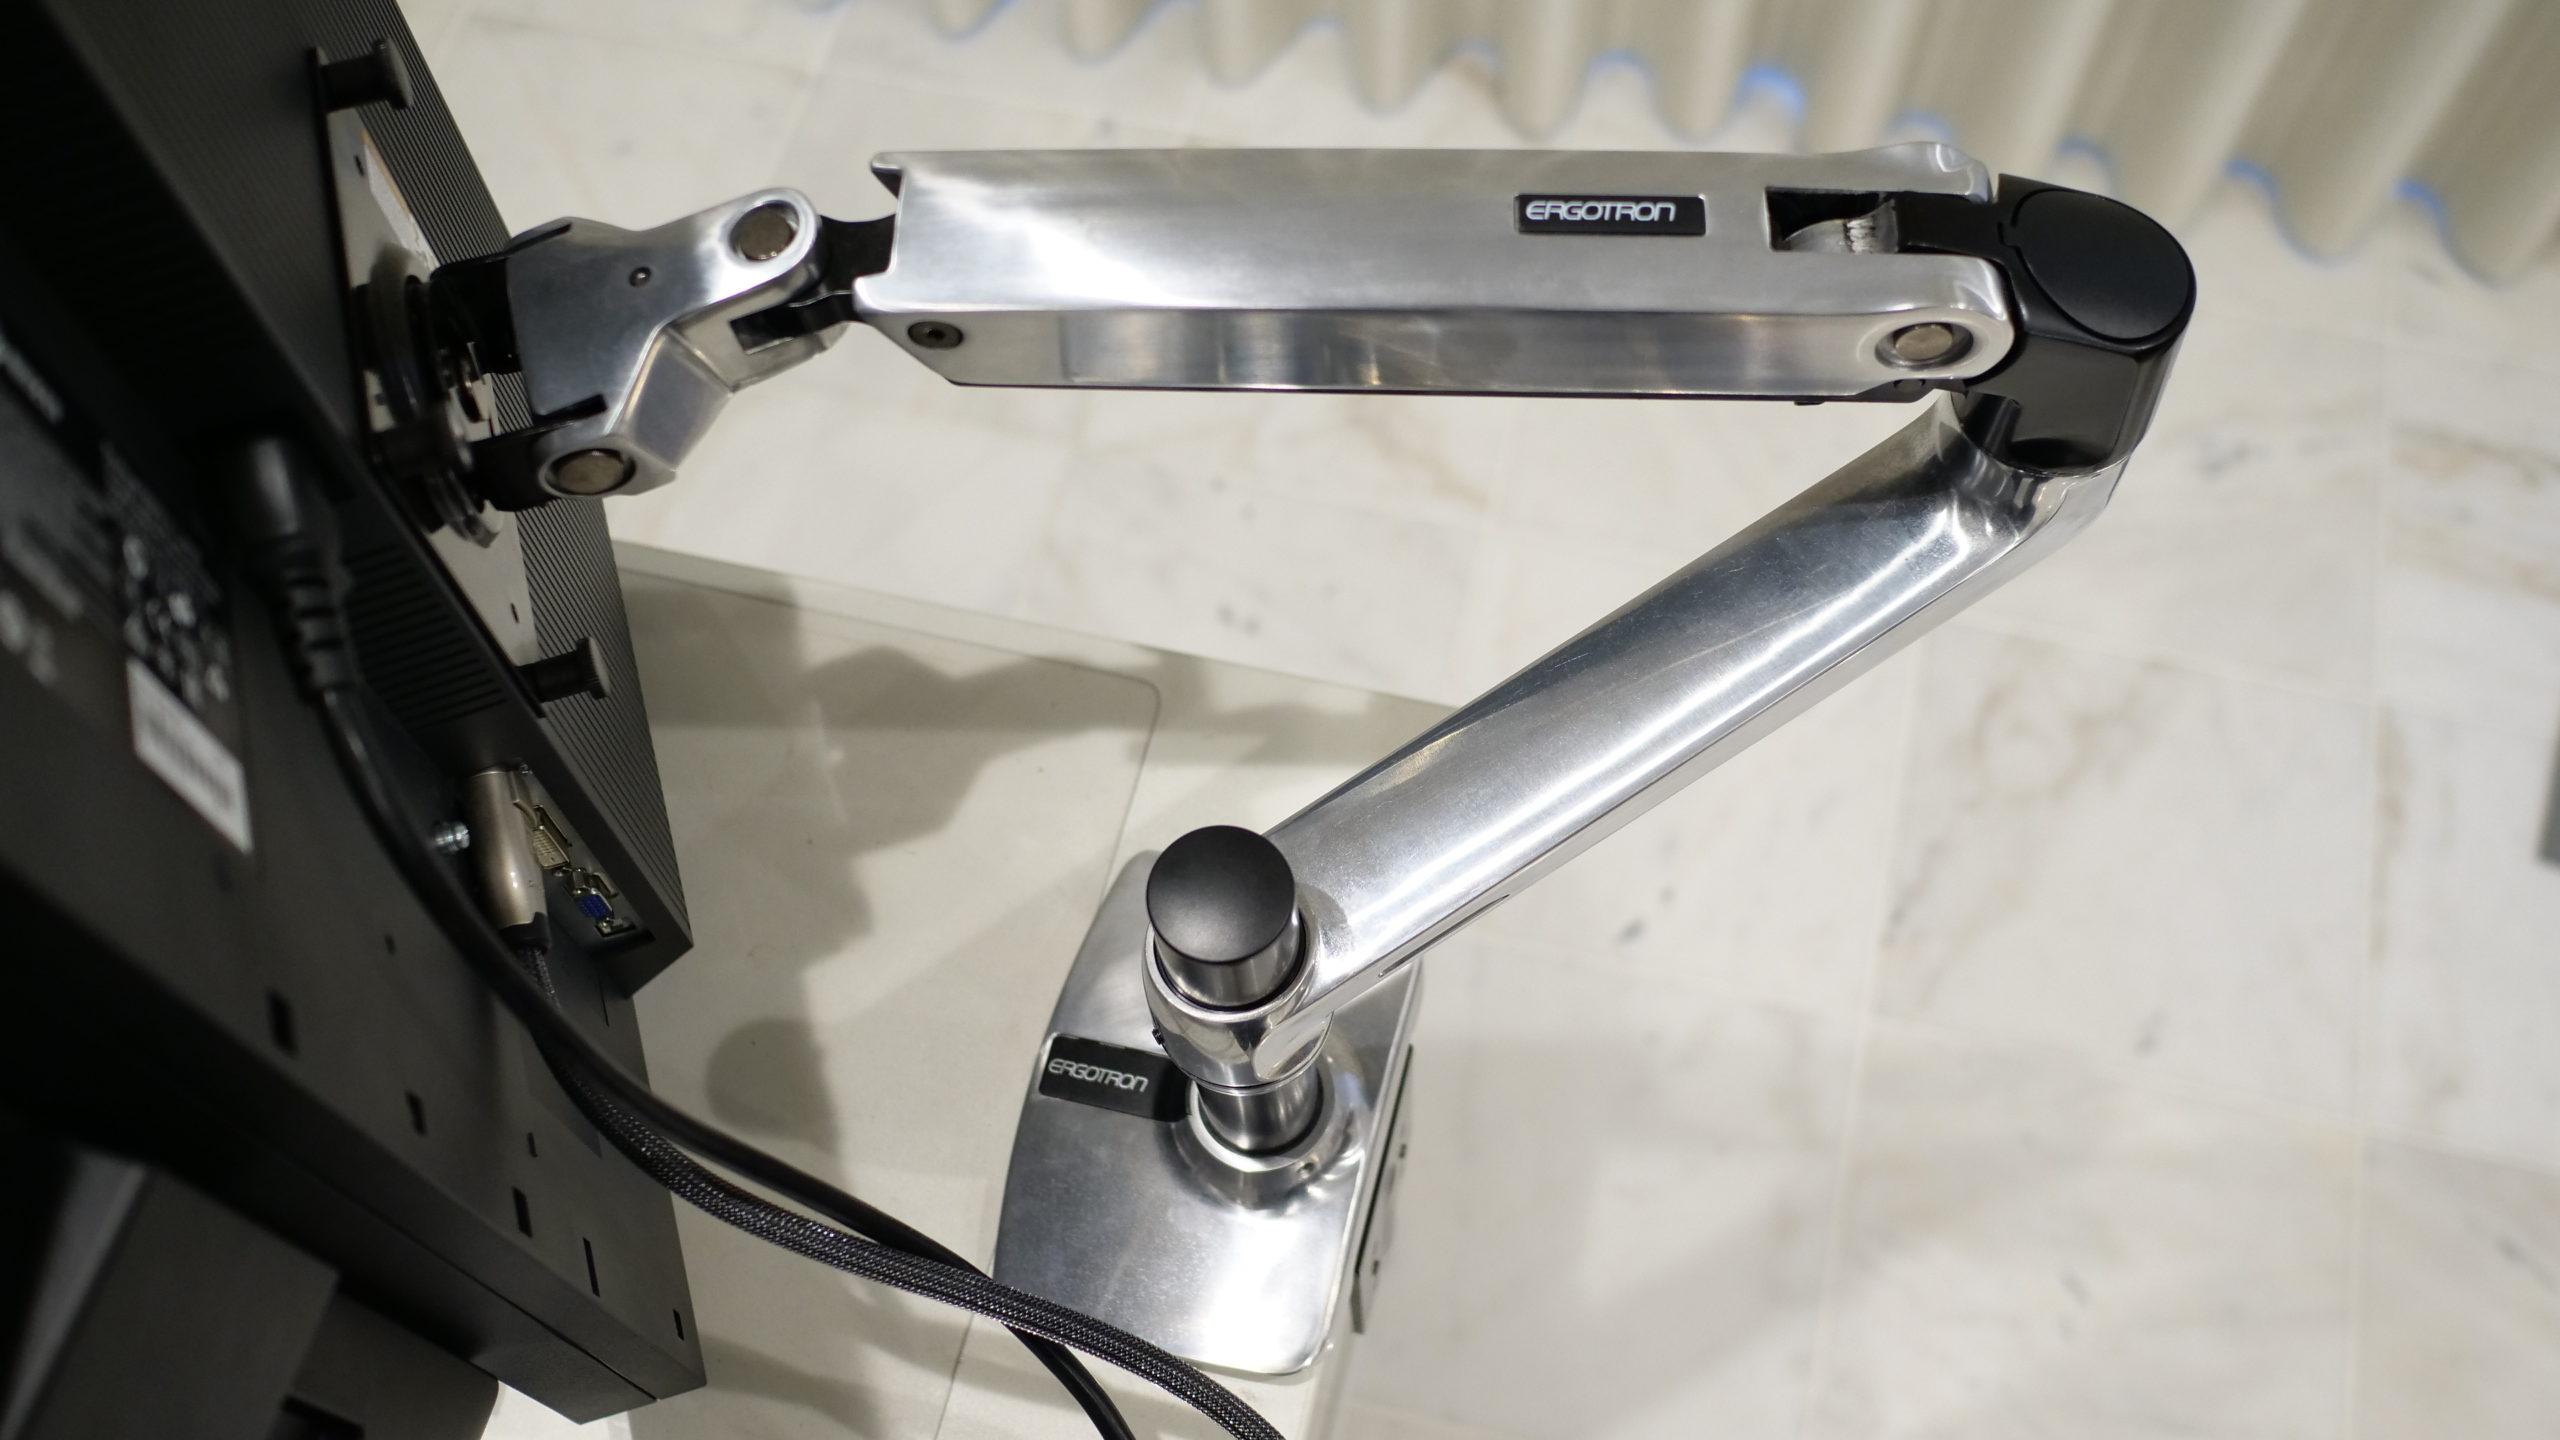 エルゴトロンのモニターアーム「45-241-026 LX」